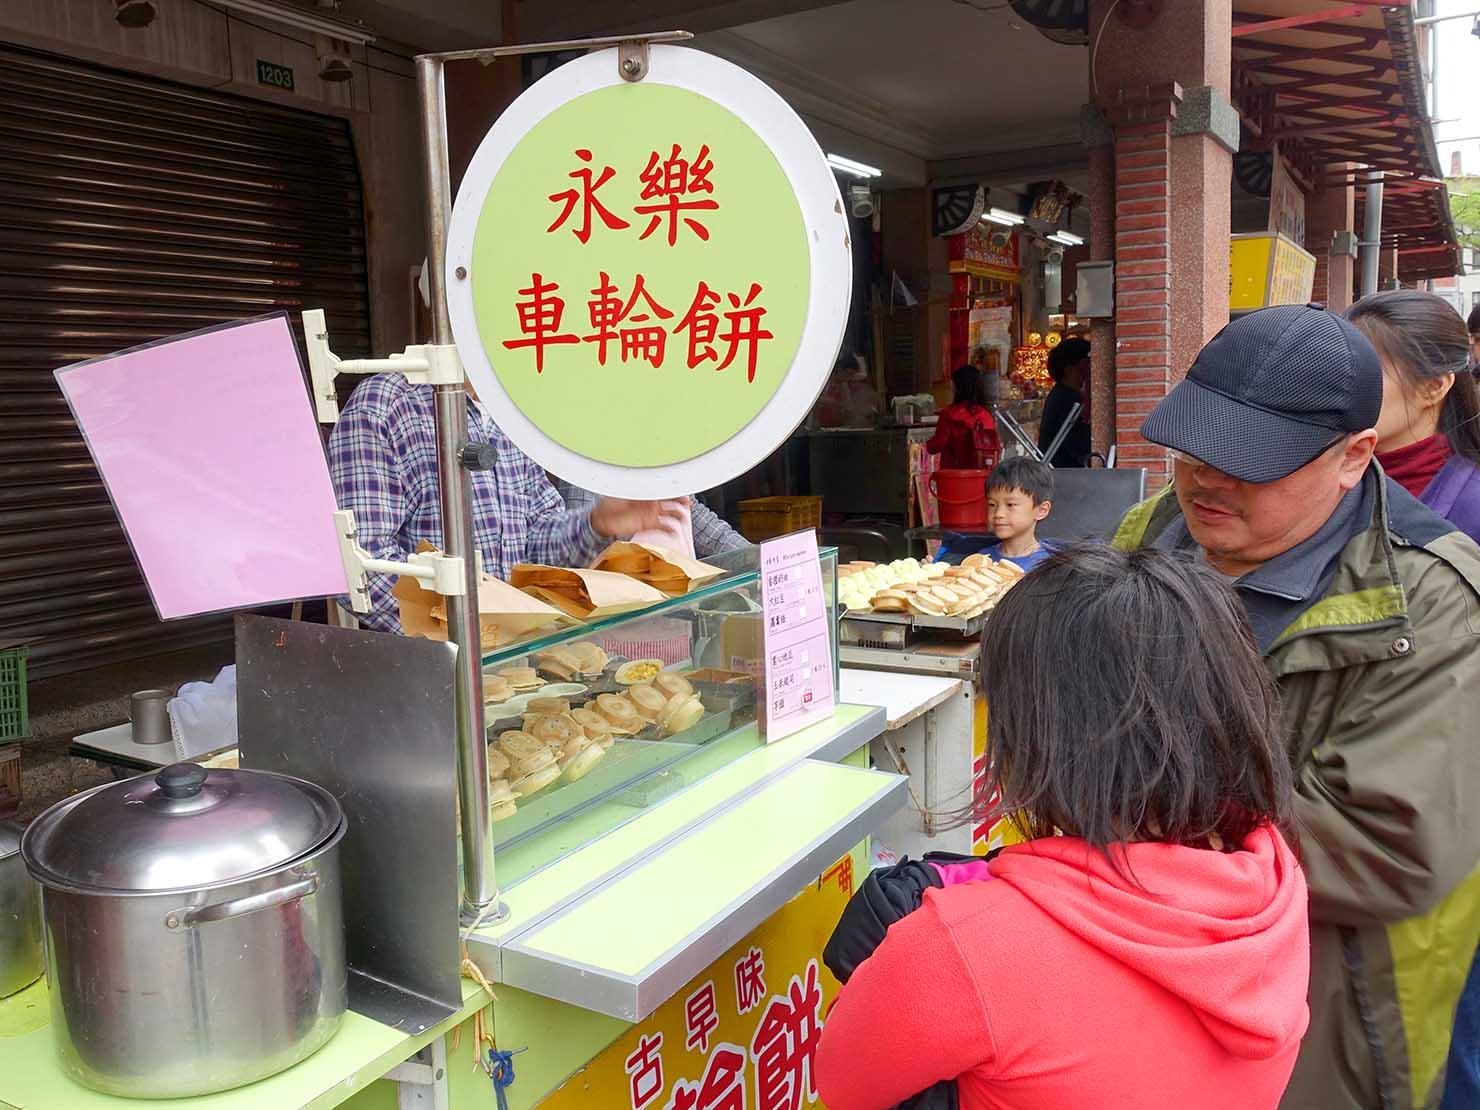 台北・迪化街の伝統グルメ店「永樂車輪餅」の屋台